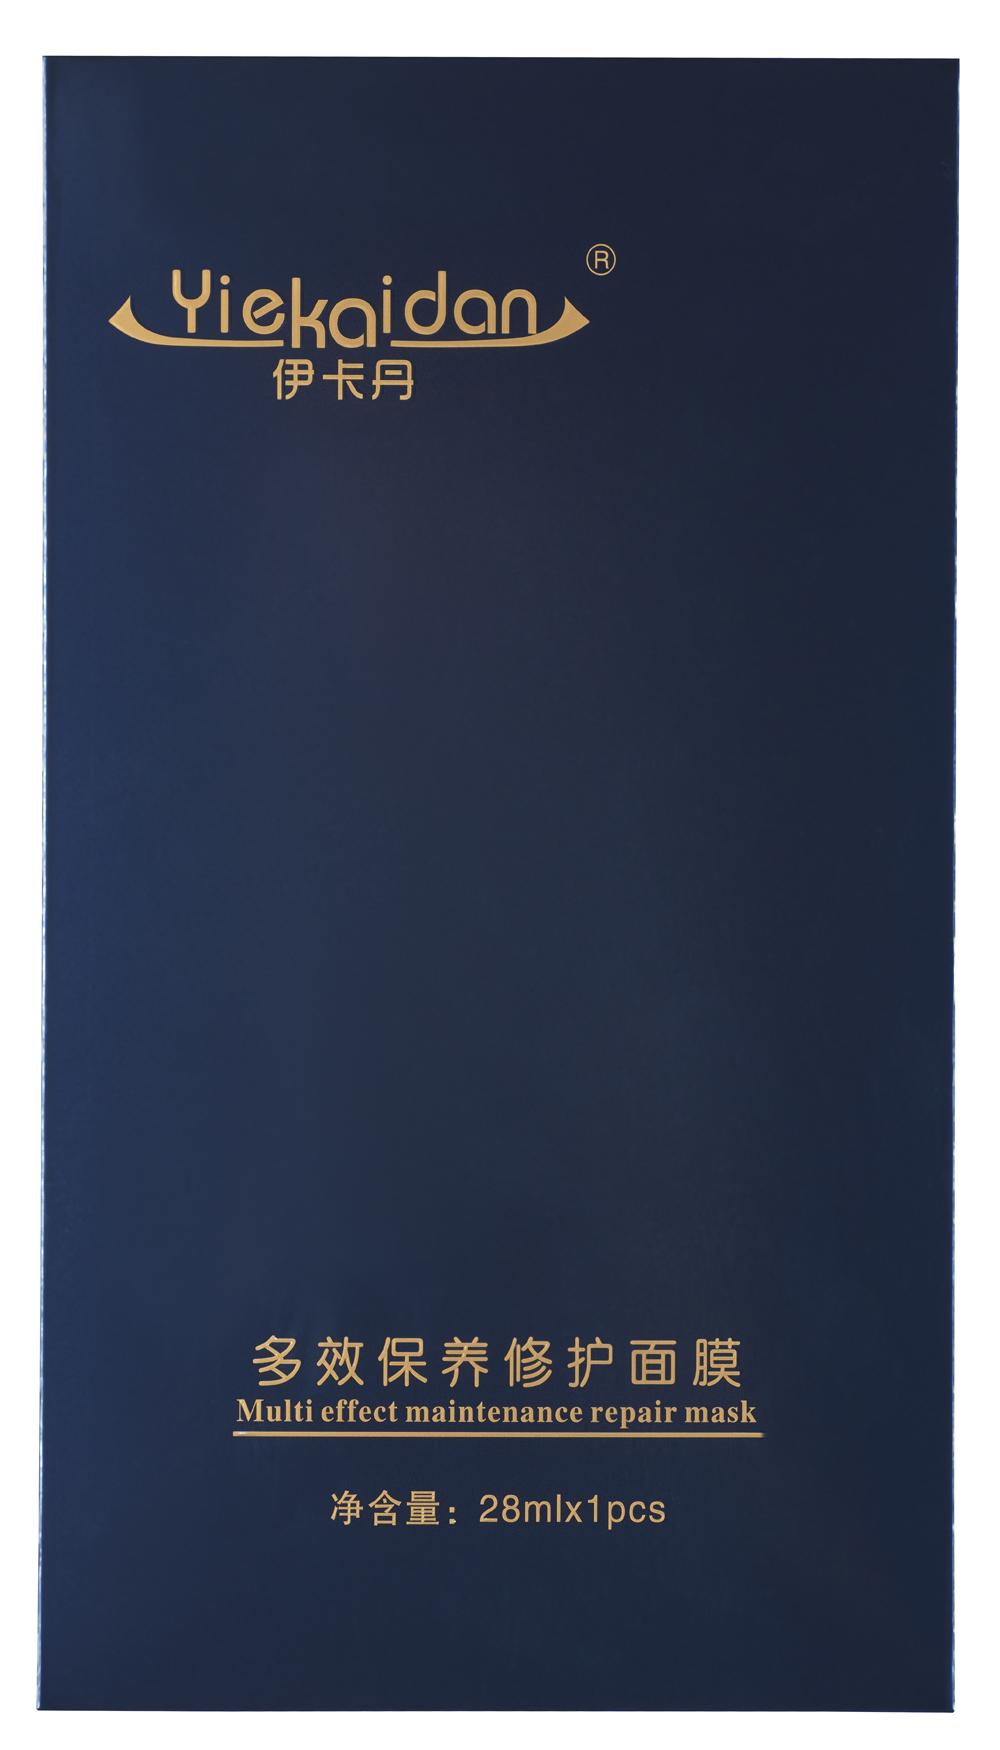 伊卡丹多效保养修护面膜(6片/盒)